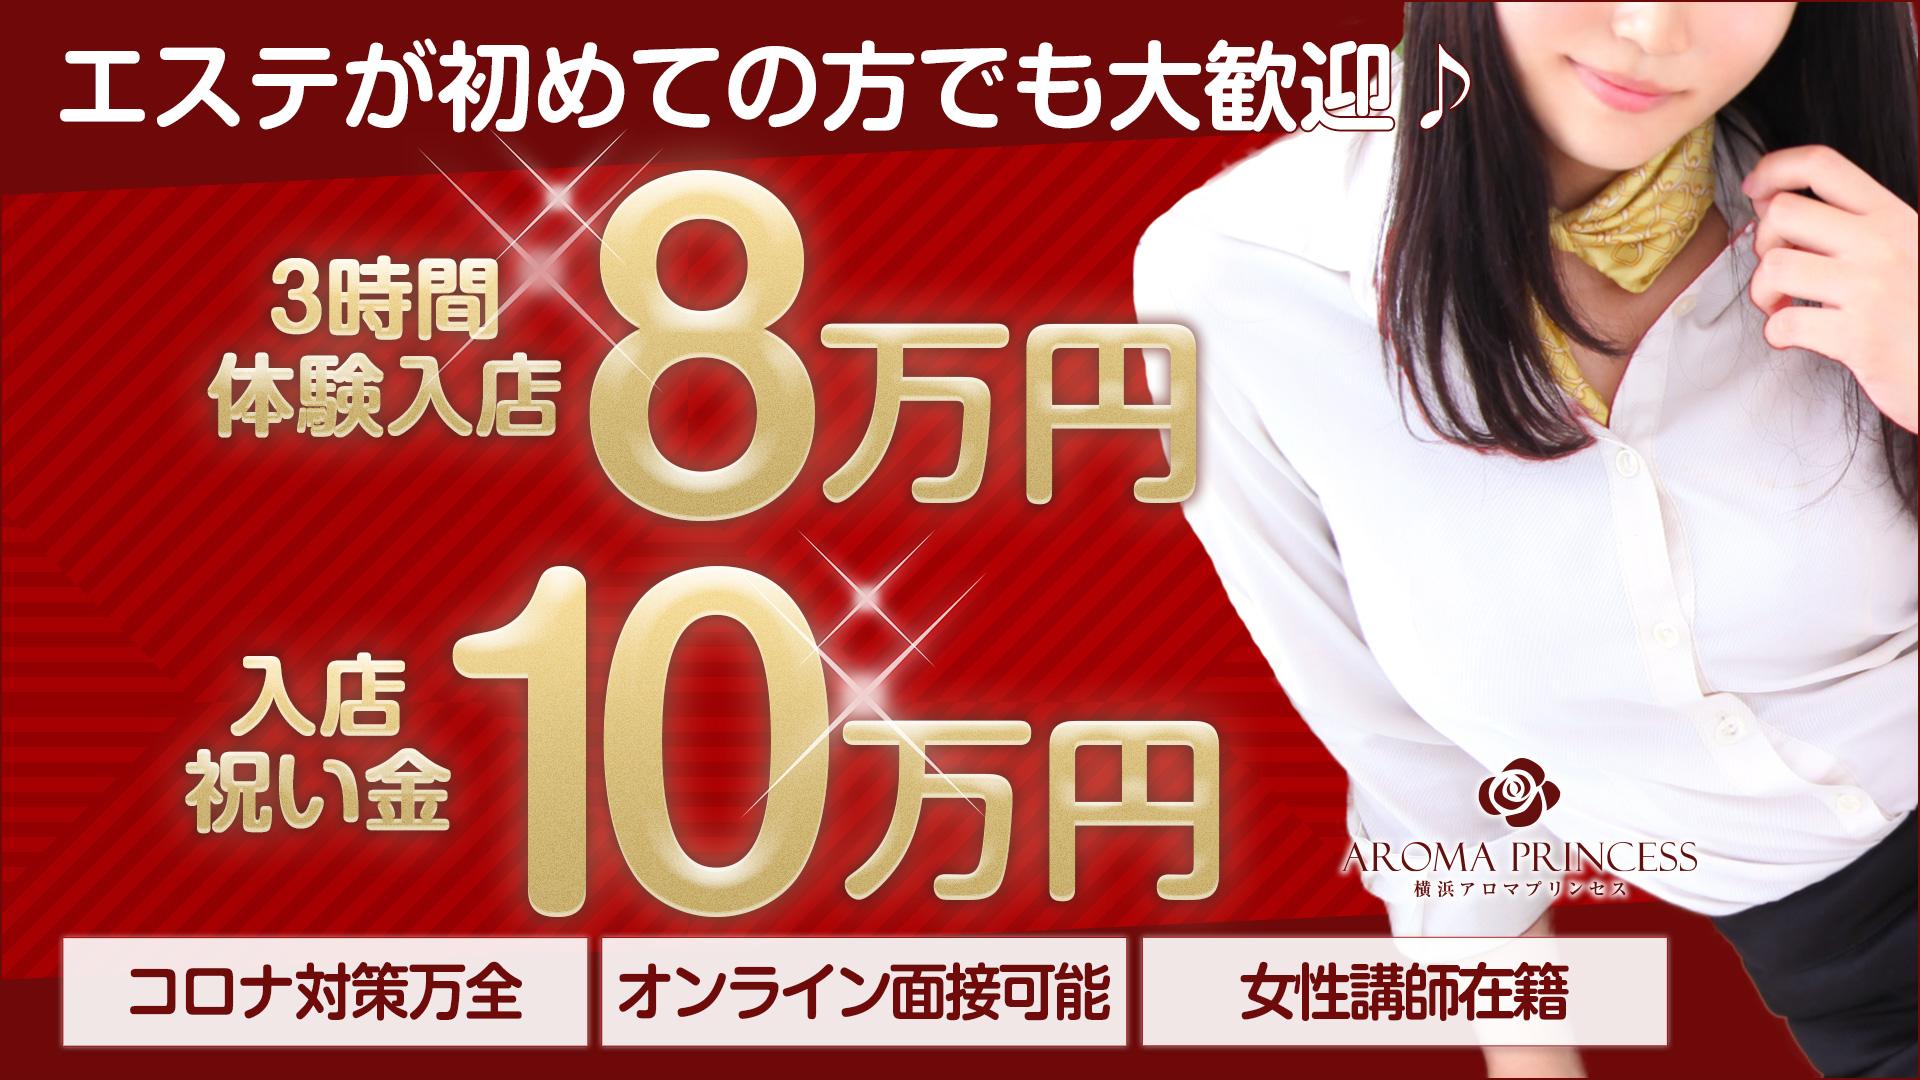 横浜アロマプリンセスの求人画像